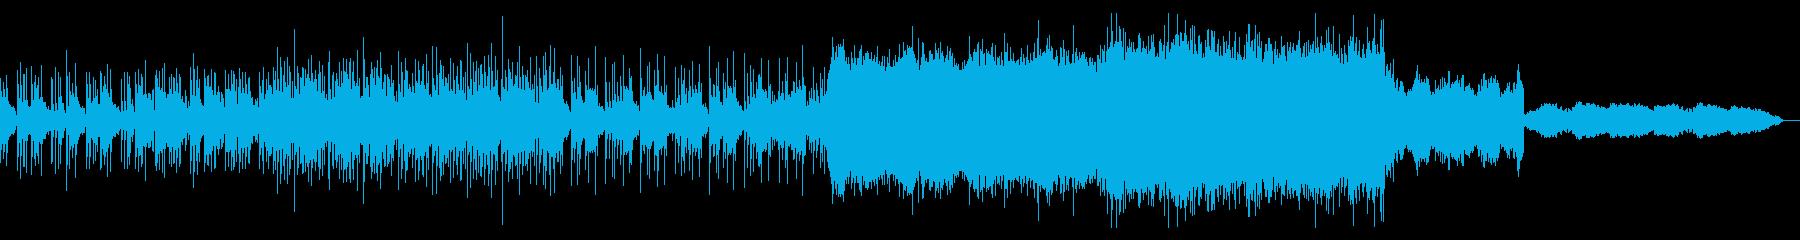 シンセサイザーが印象的なロックの再生済みの波形